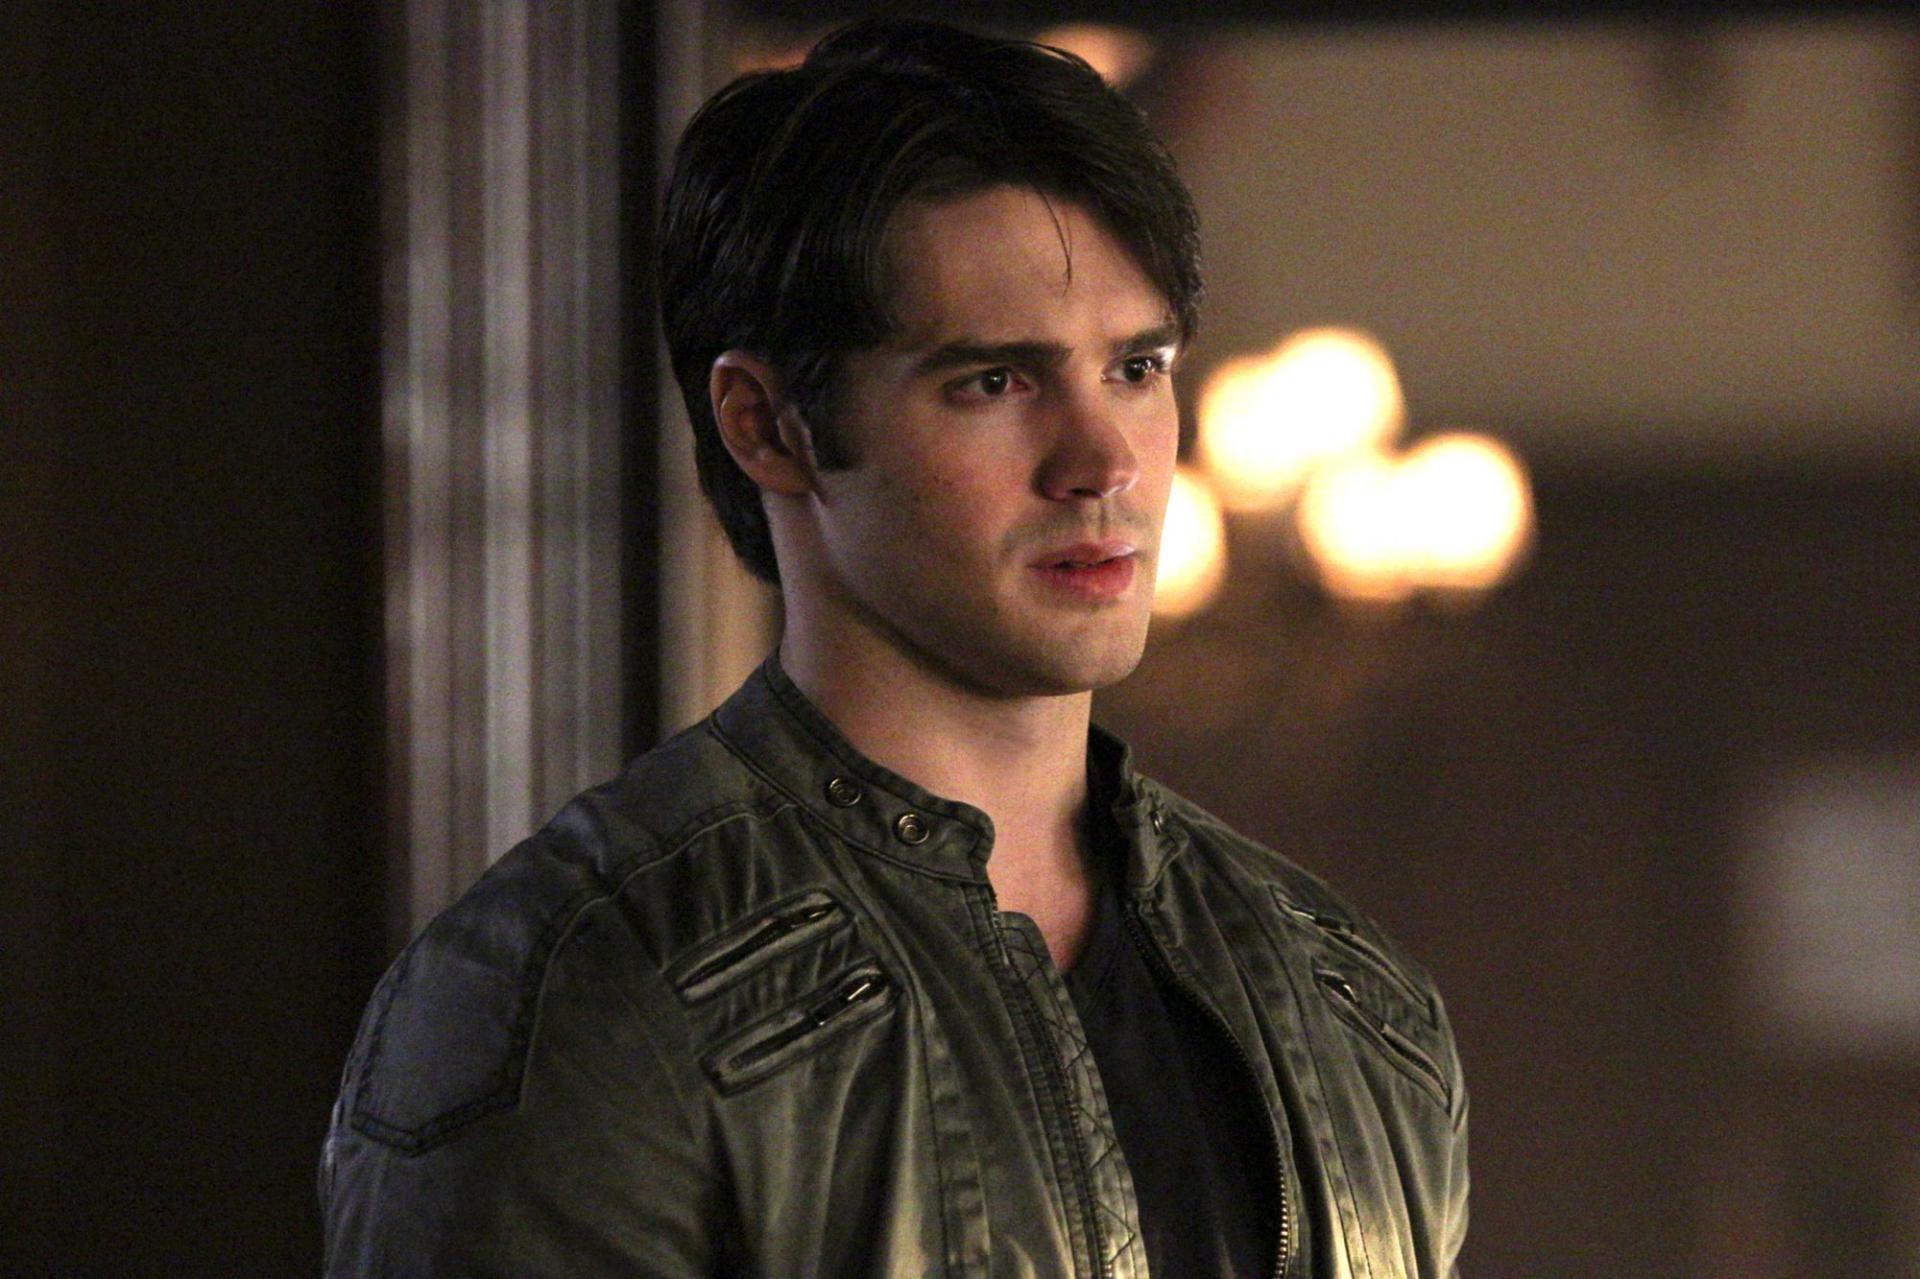 mikor kezd Elena és Damon randevúzni? csodálatos verseny nyertesek 2015 randevú